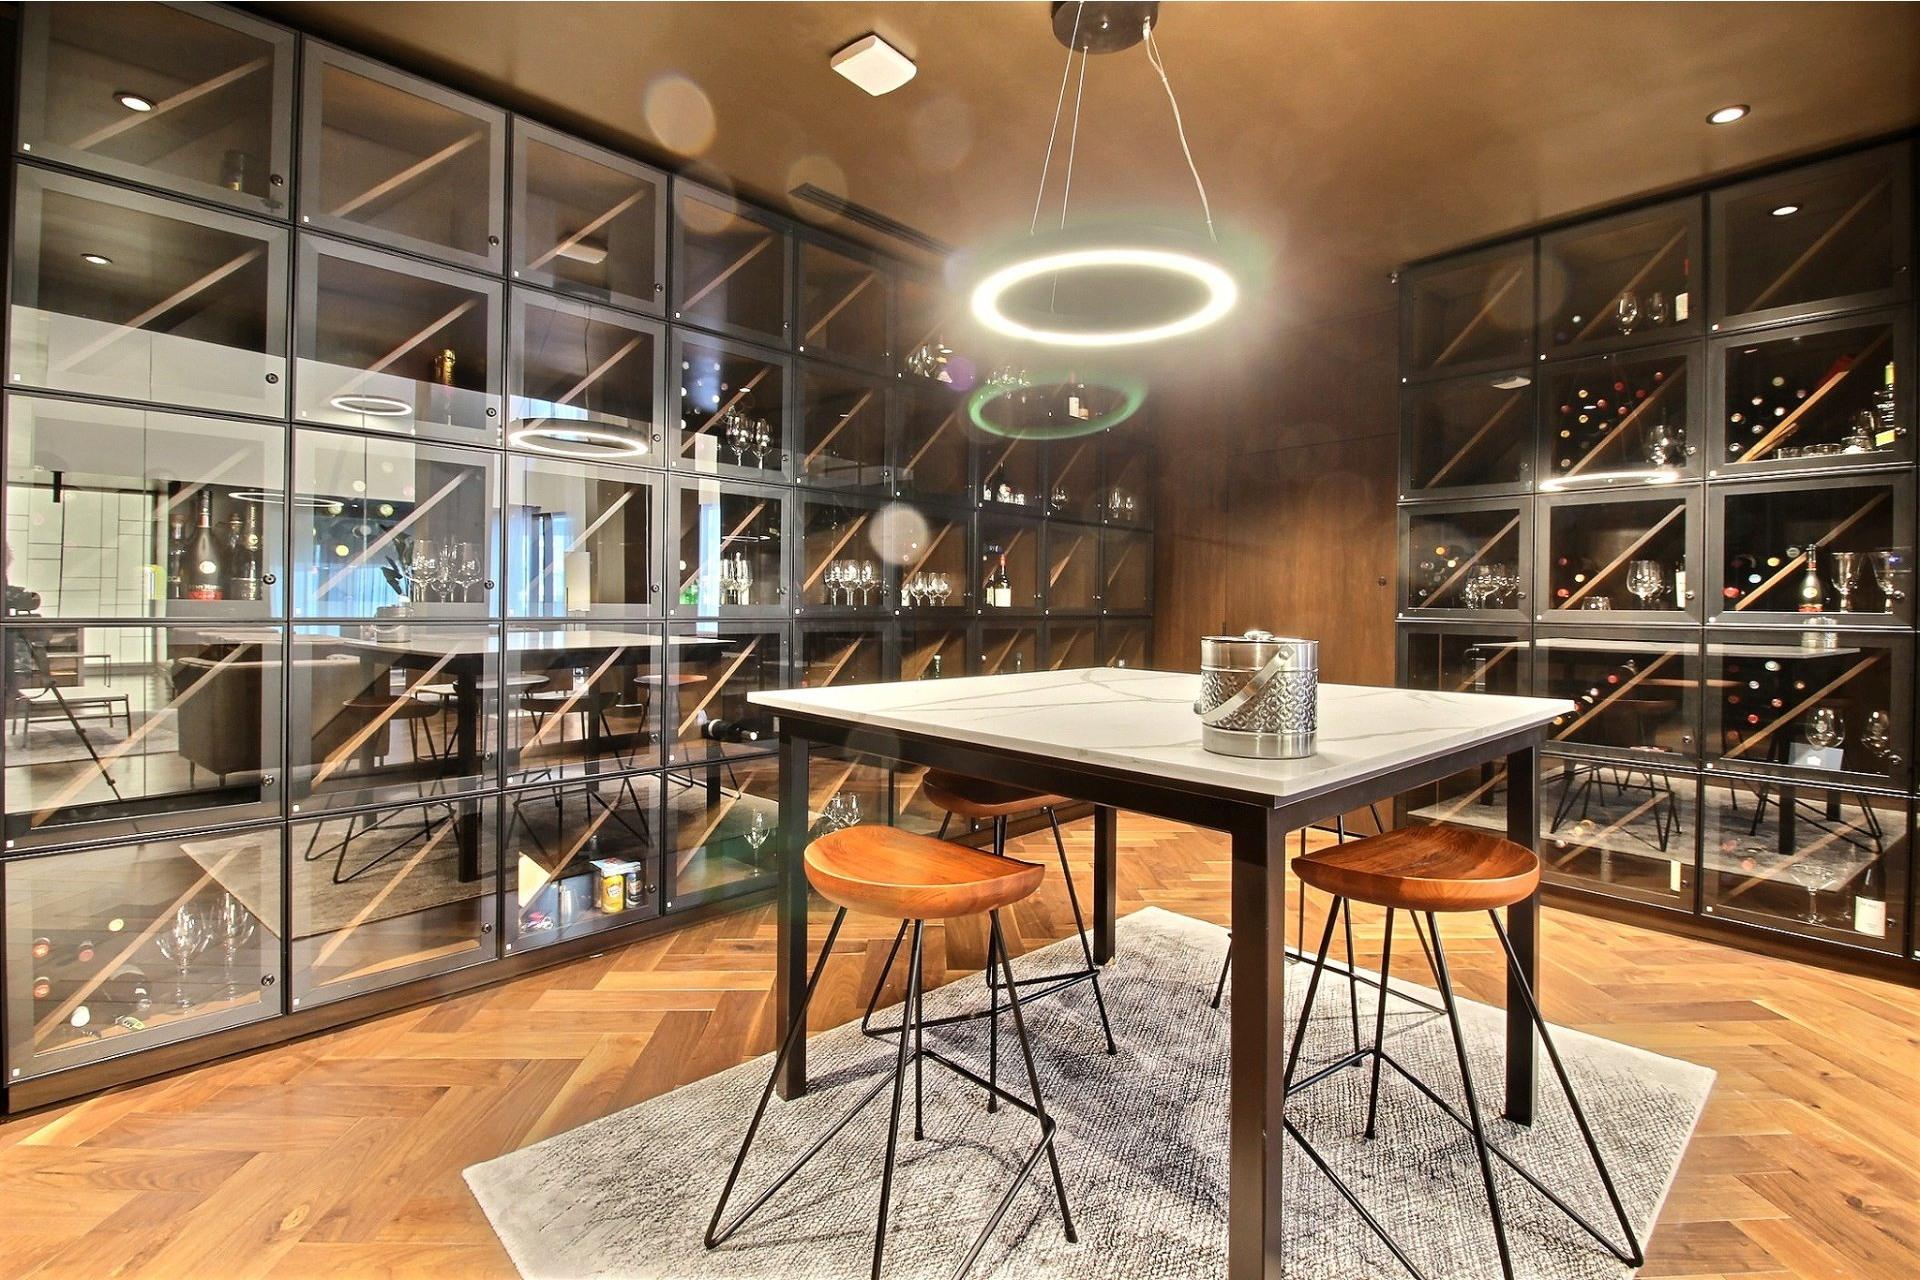 image 27 - Appartement À louer Ville-Marie Montréal  - 6 pièces